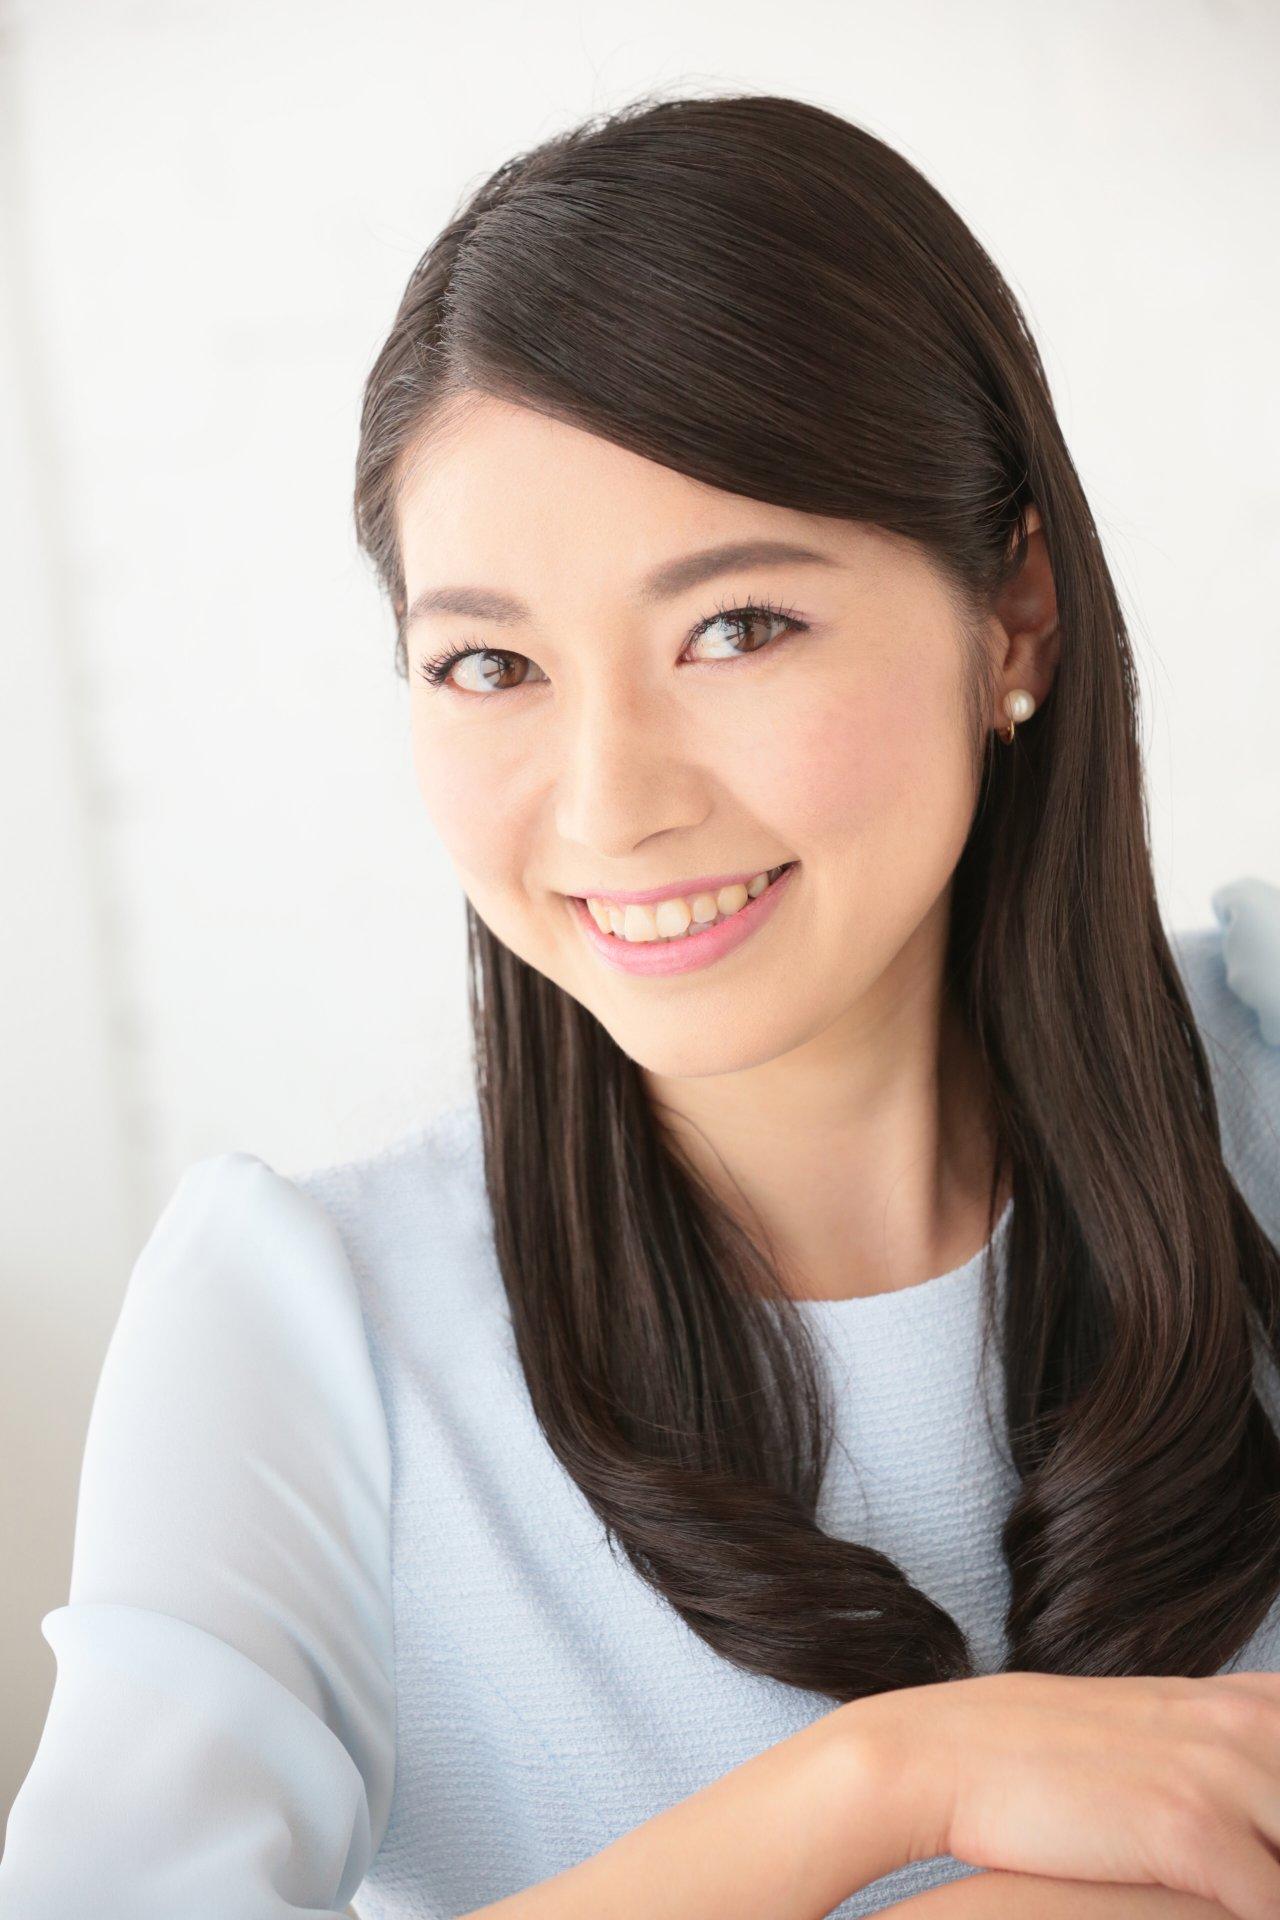 福田麻由子さんの画像その40